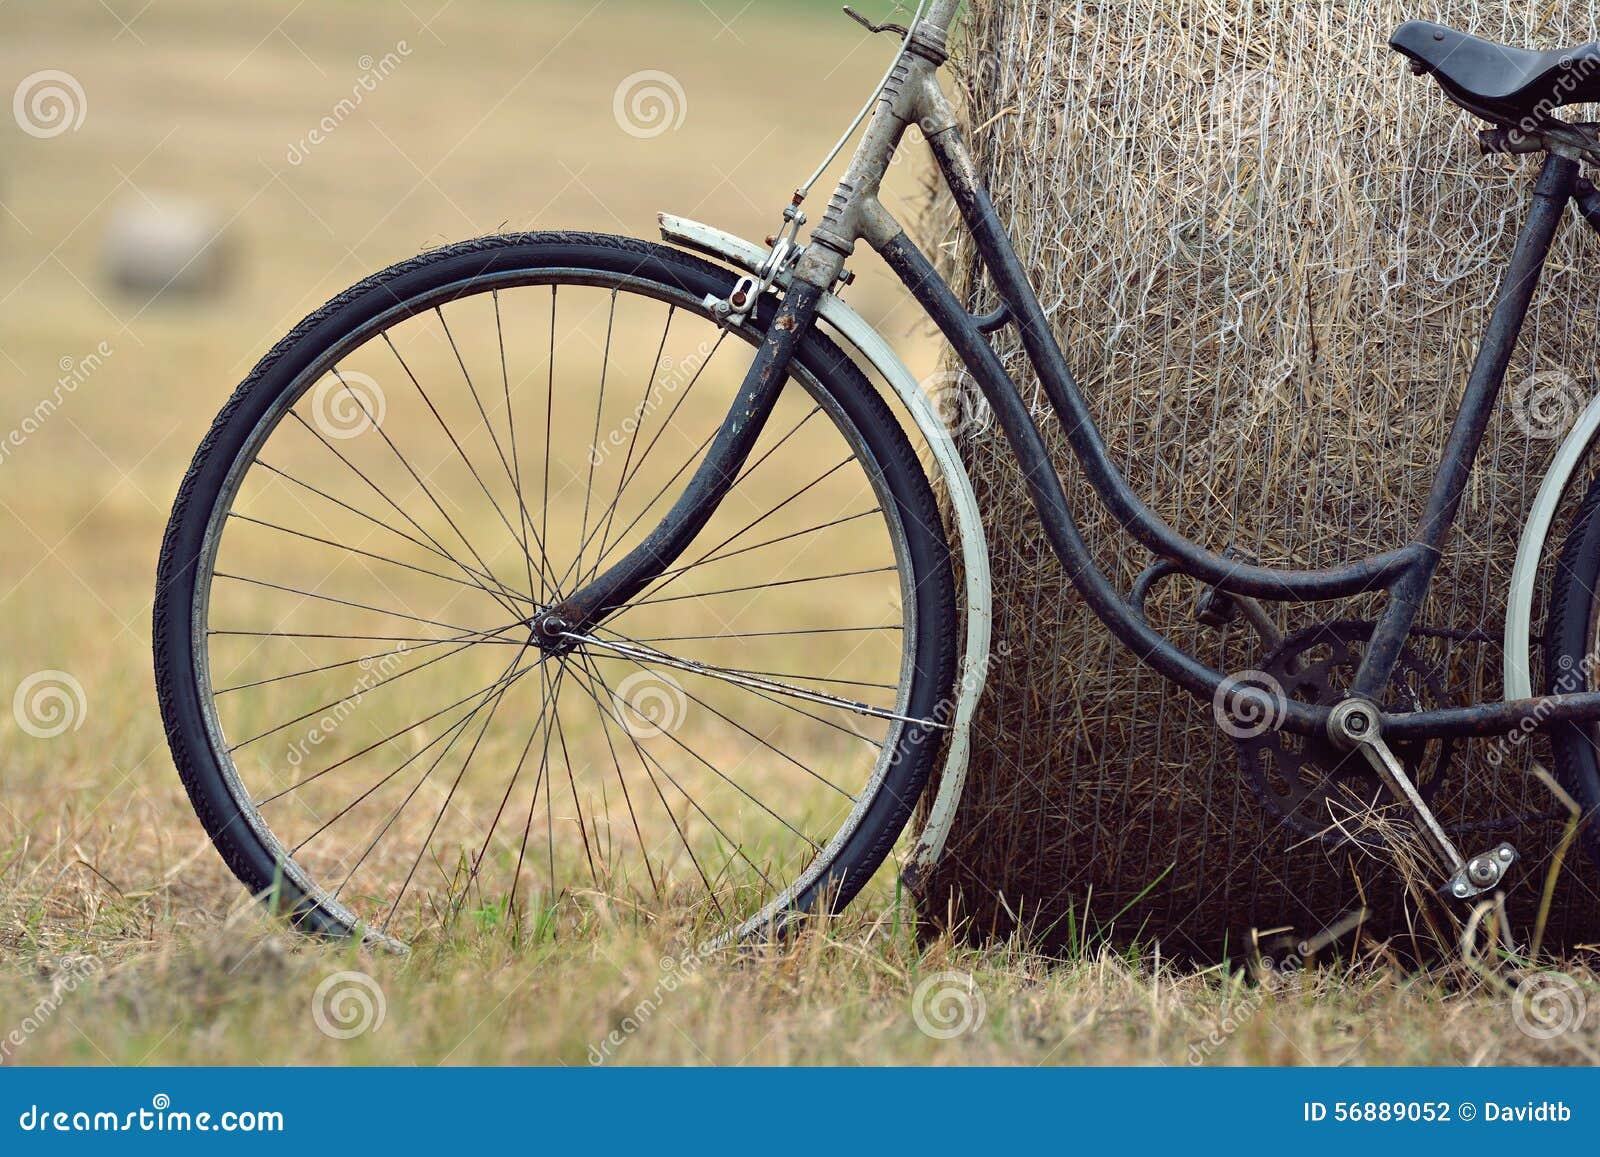 Vecchia bicicletta con la balla di fieno con retro effetto